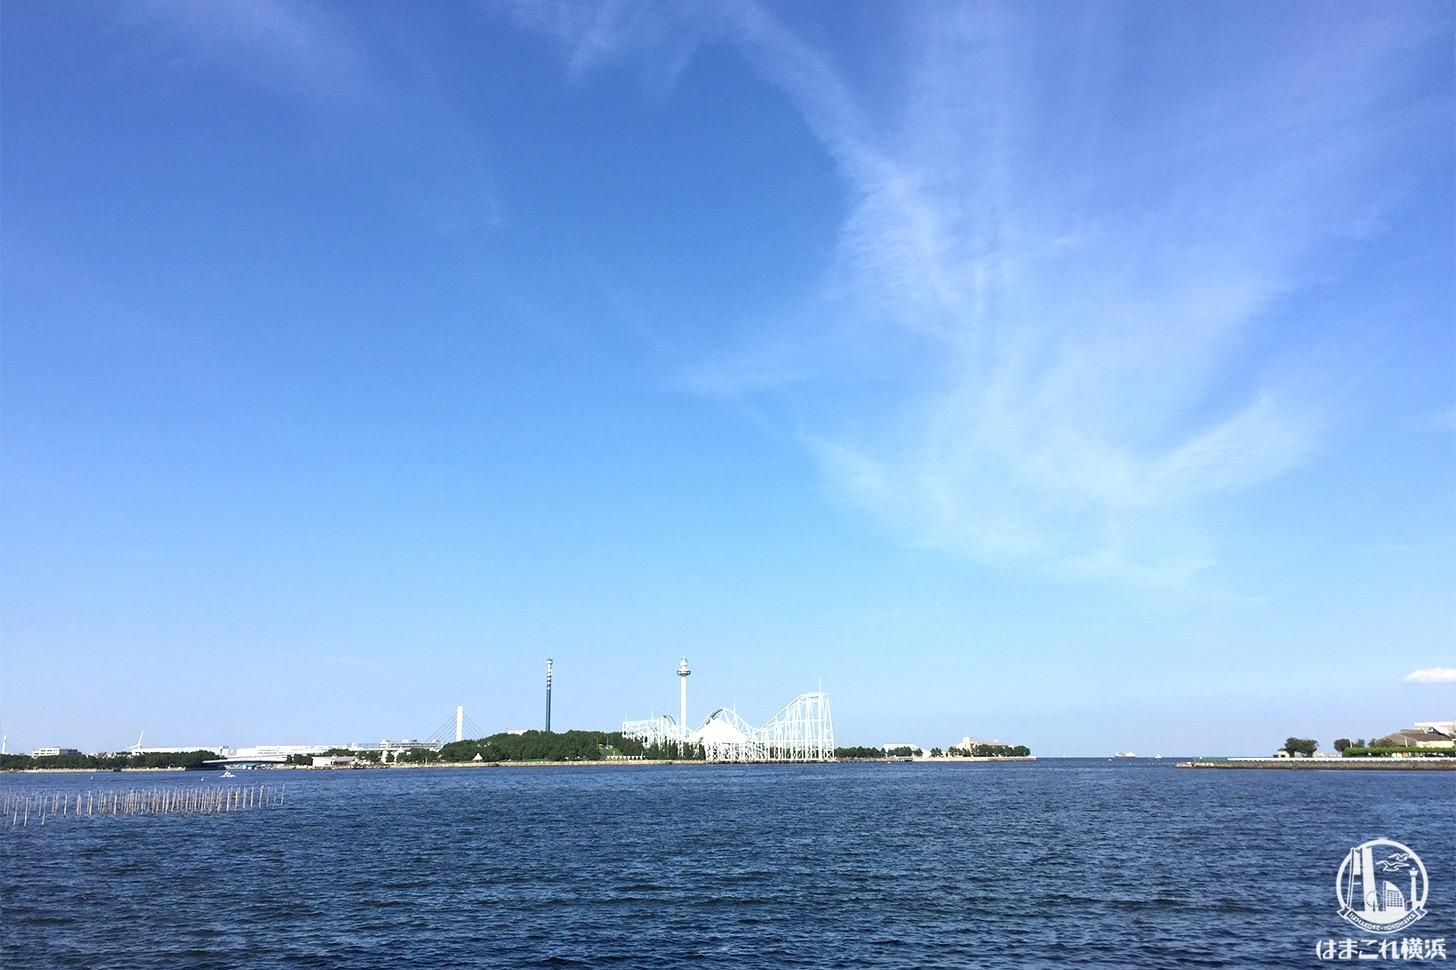 横浜市、海の公園・野島公園の駐車場ゴールデンウィーク閉鎖 潮干狩りの禁止等により